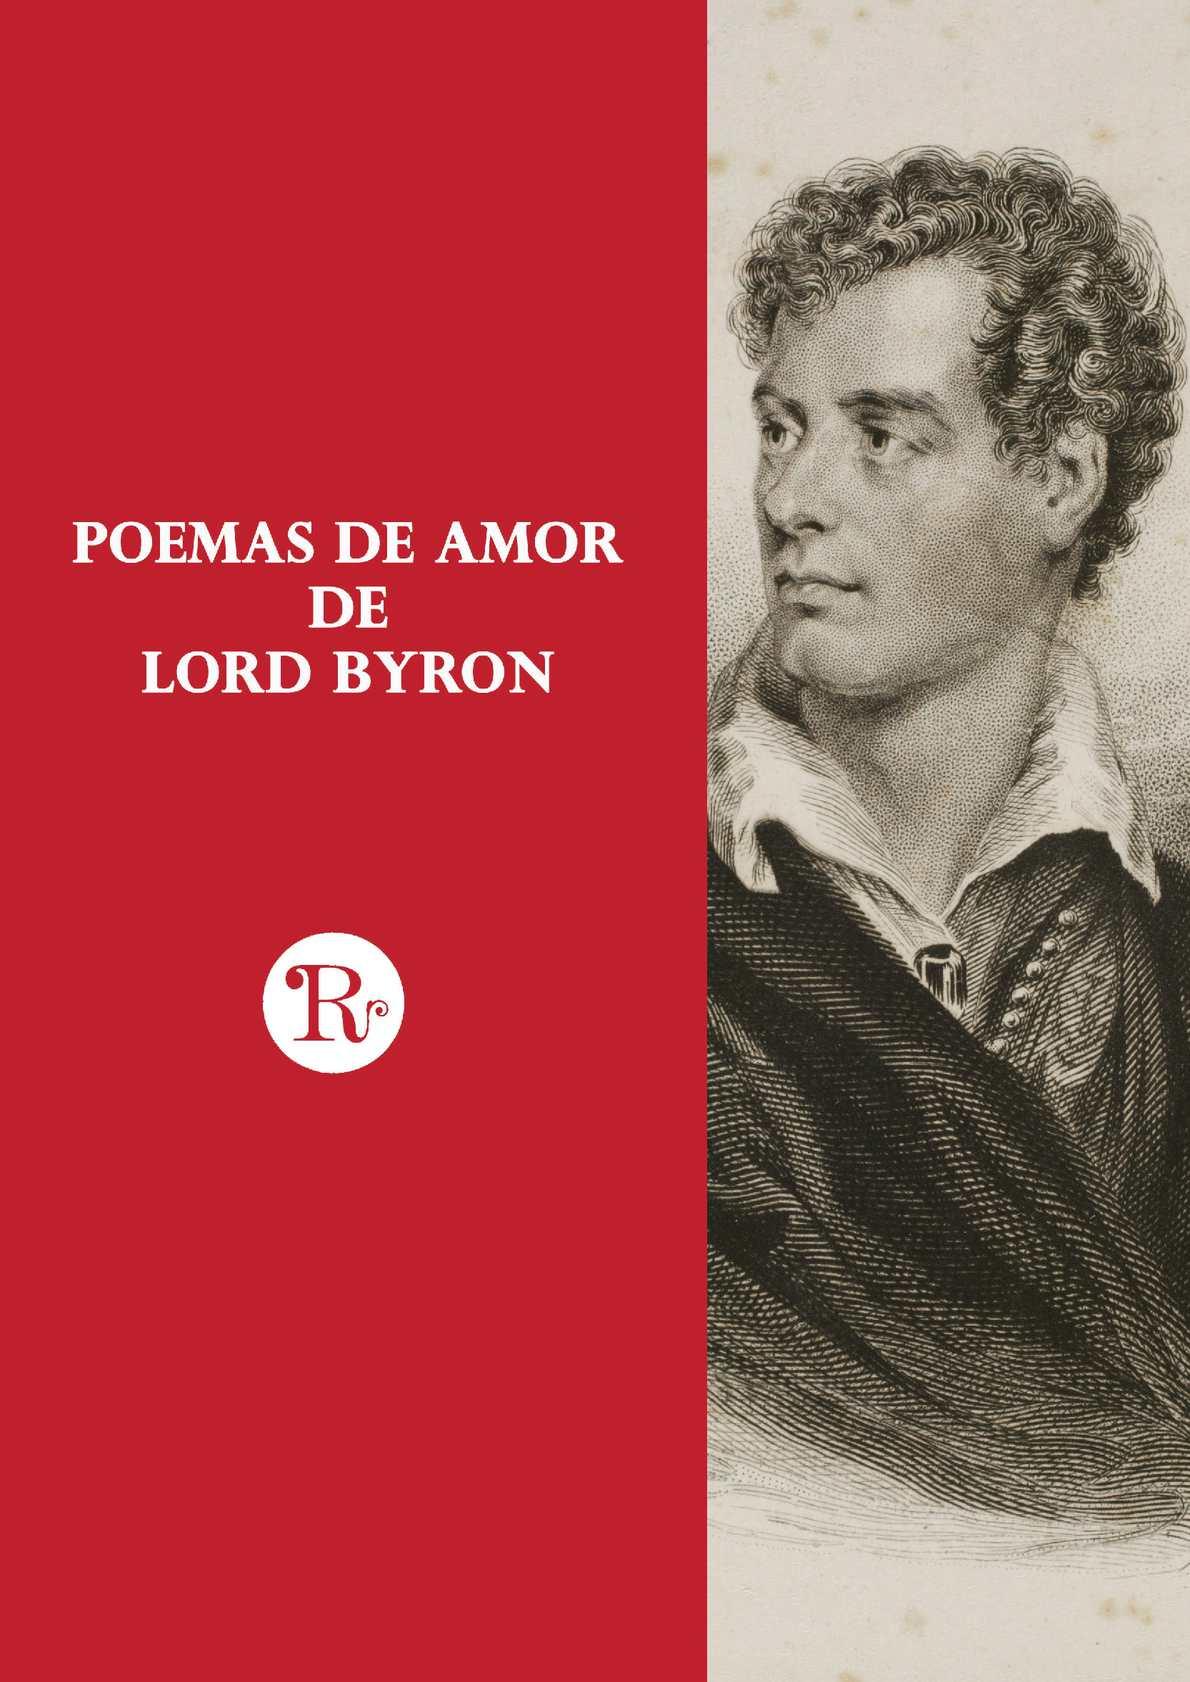 Poemas de amor de Lord Byron